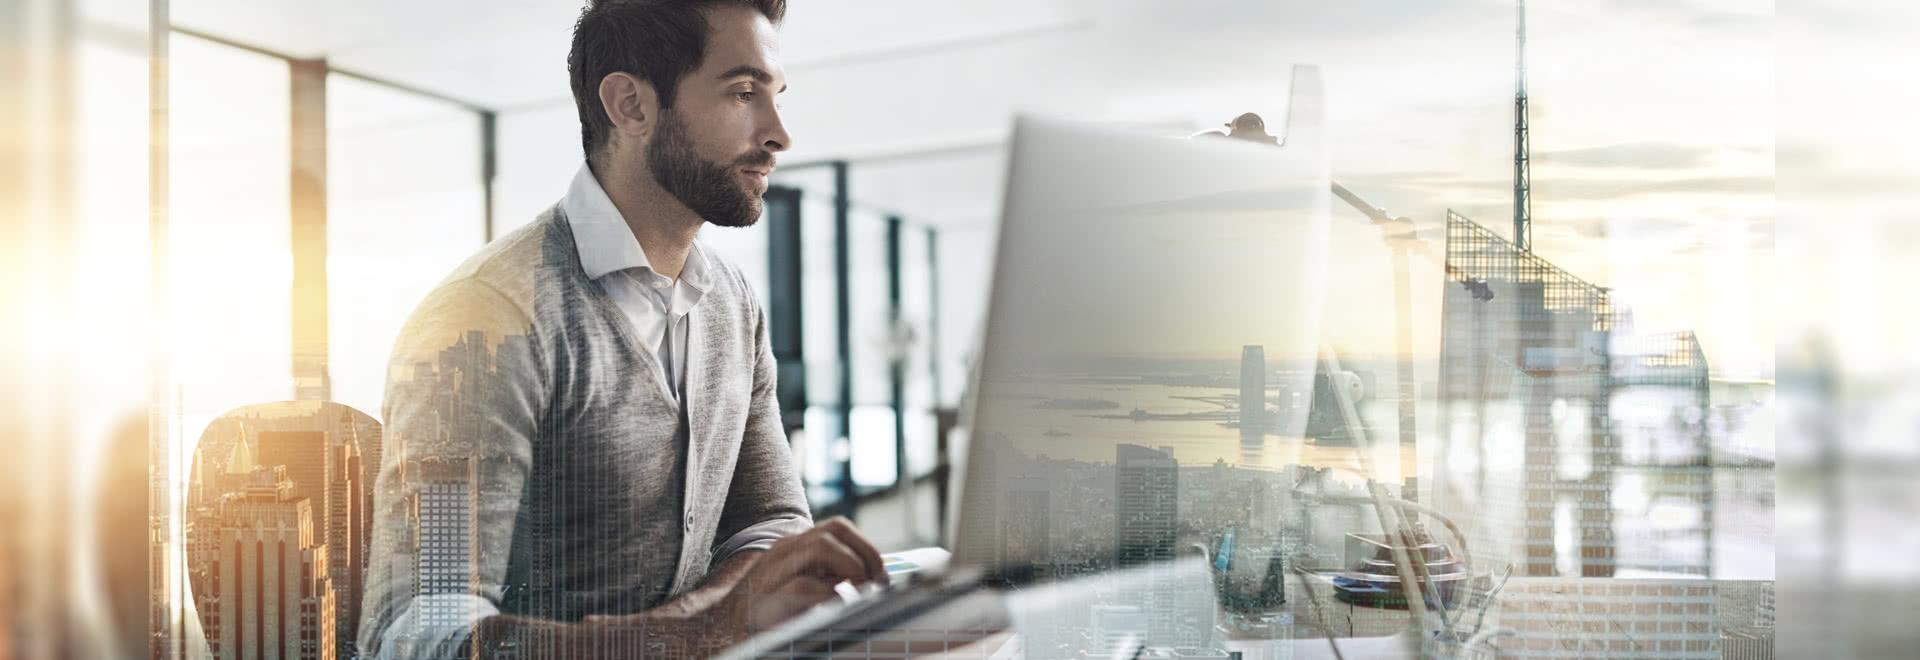 Webdesign für Ecommerce und Onlineshopping